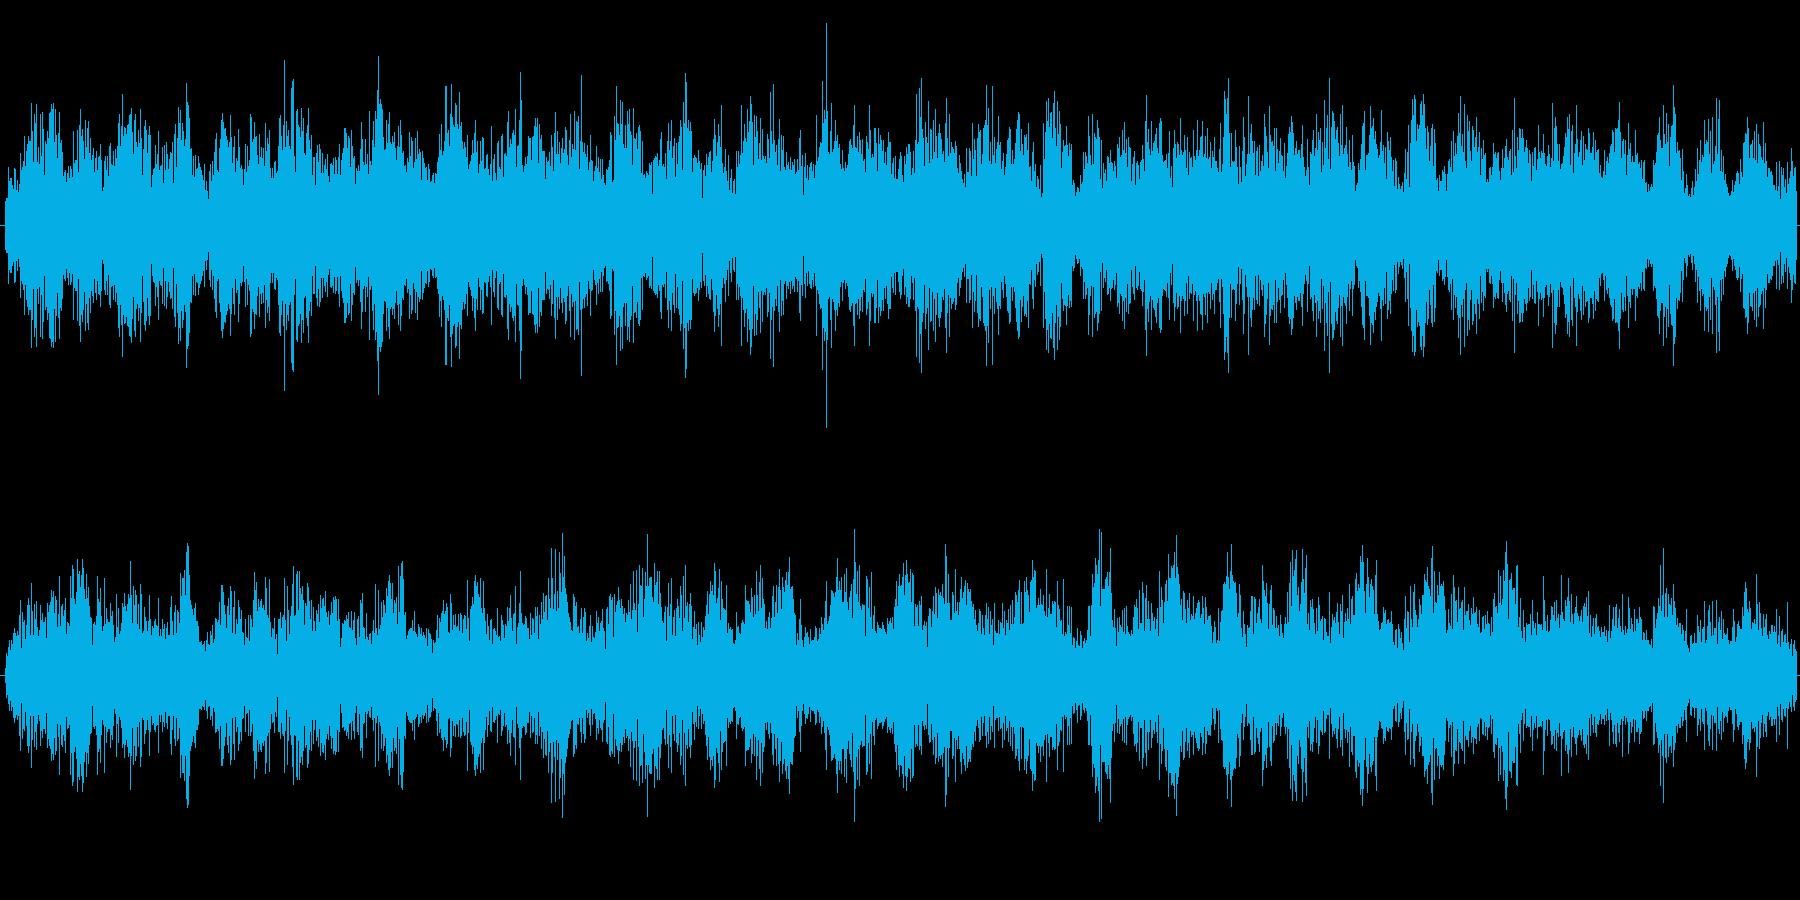 カエルの合唱の再生済みの波形